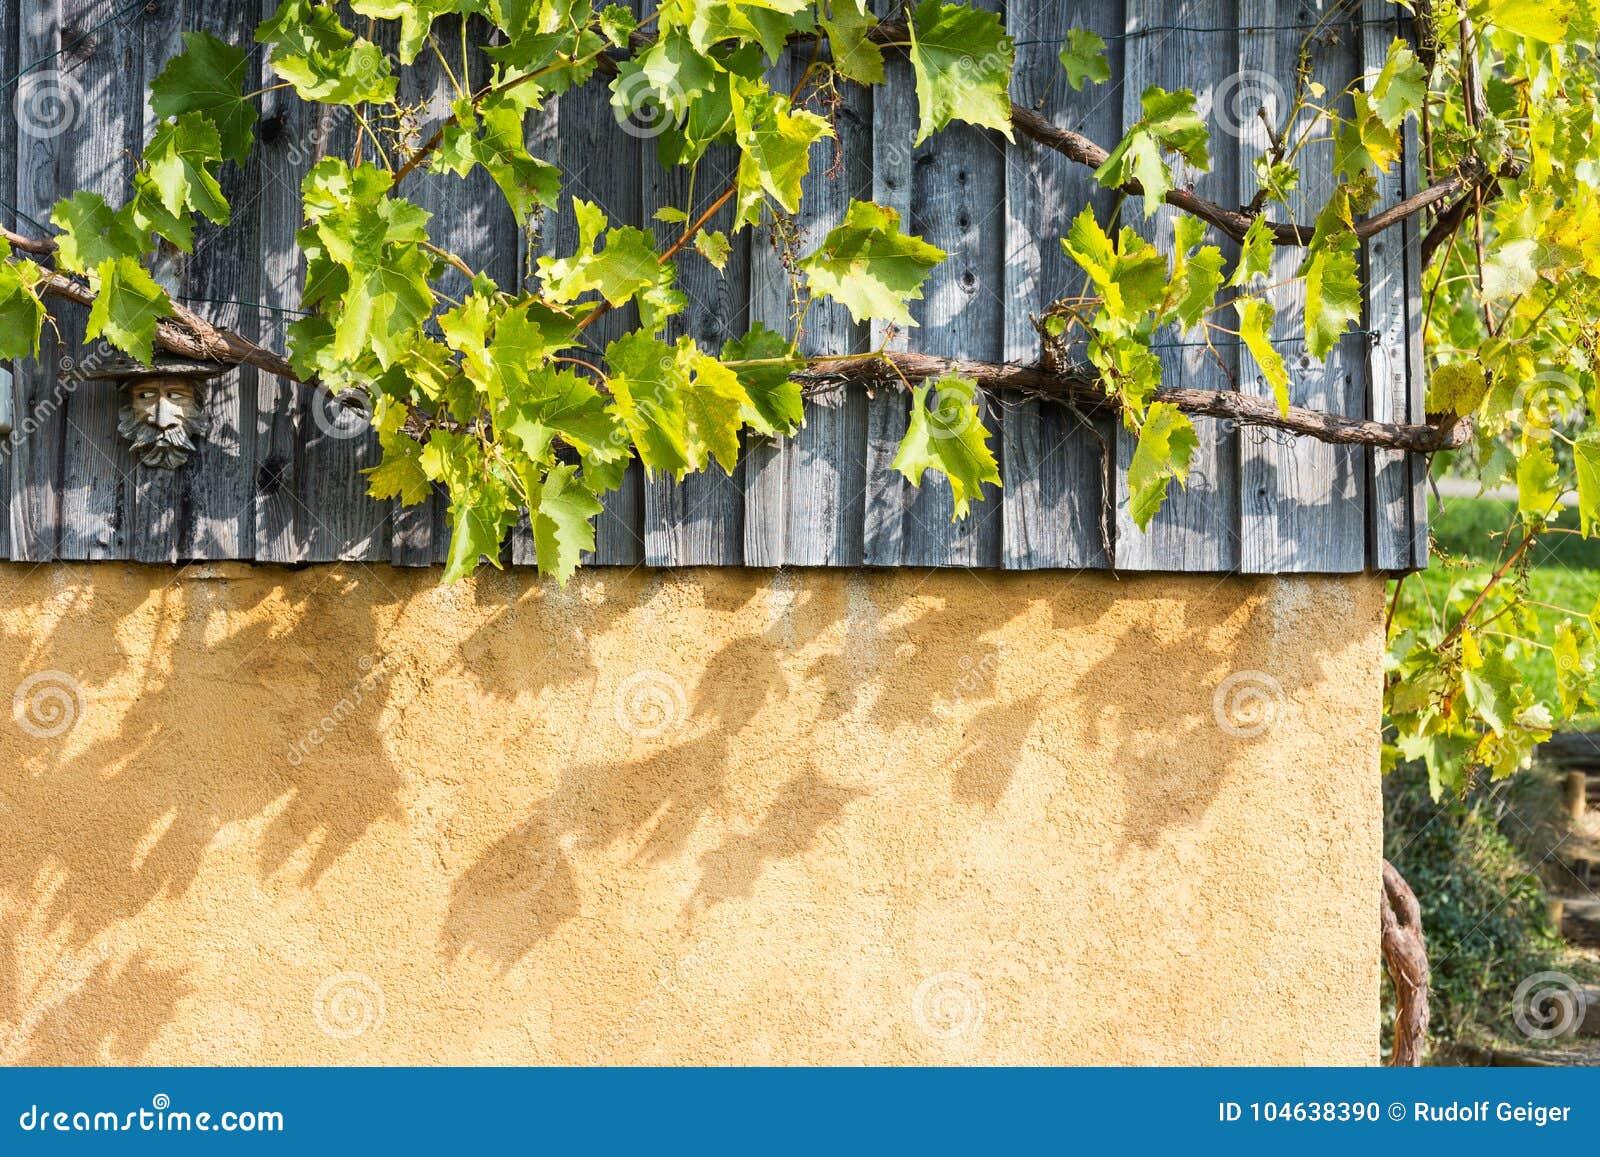 Download Tuin Van Het Zuiden De Duitse Plattelandshuisje Stock Foto - Afbeelding bestaande uit gebladerte, installatie: 104638390